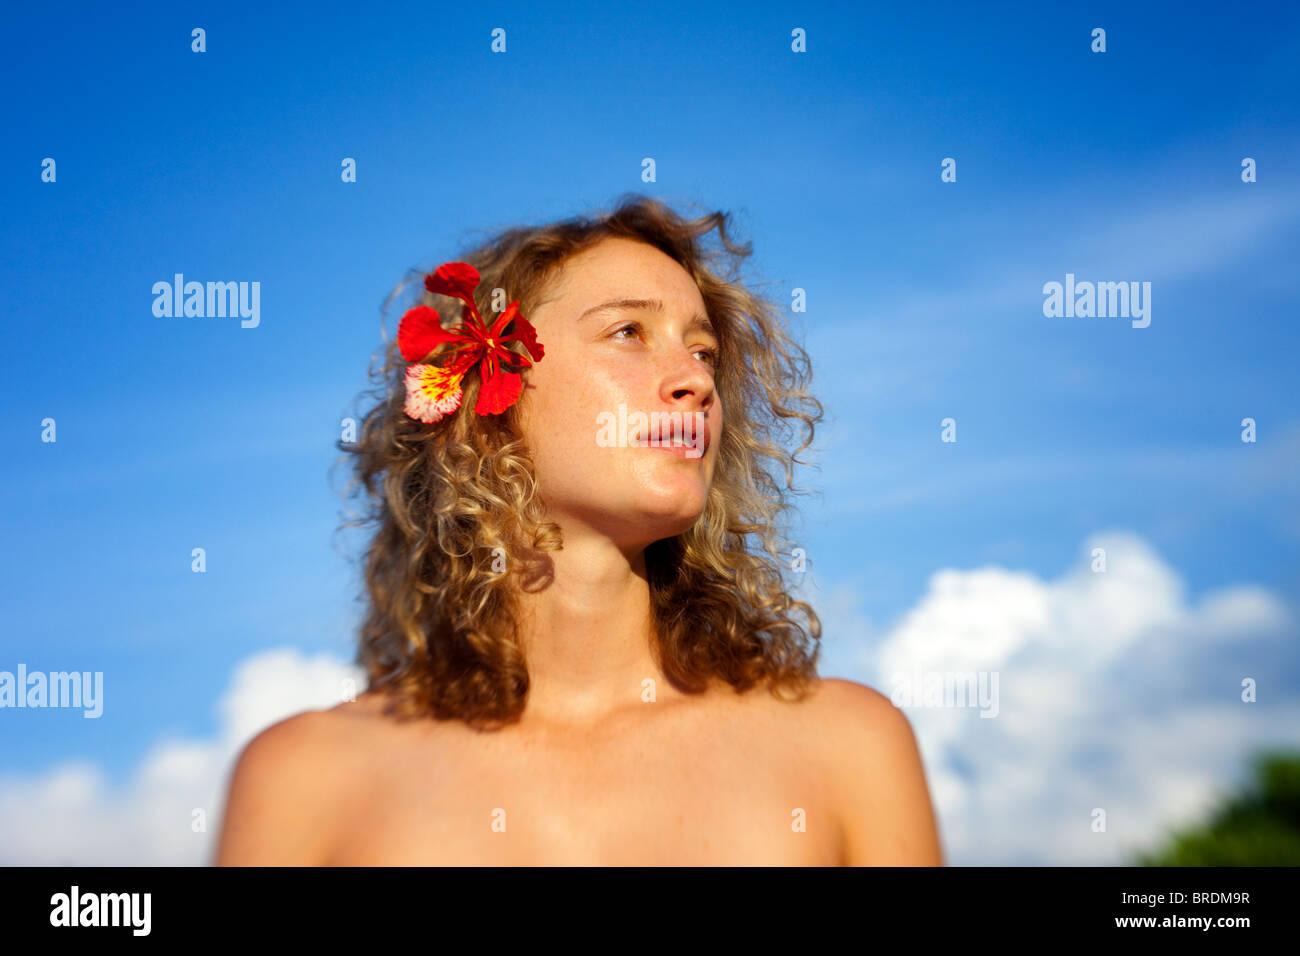 junge Frau mit Blume in lockiges Haar Stockbild